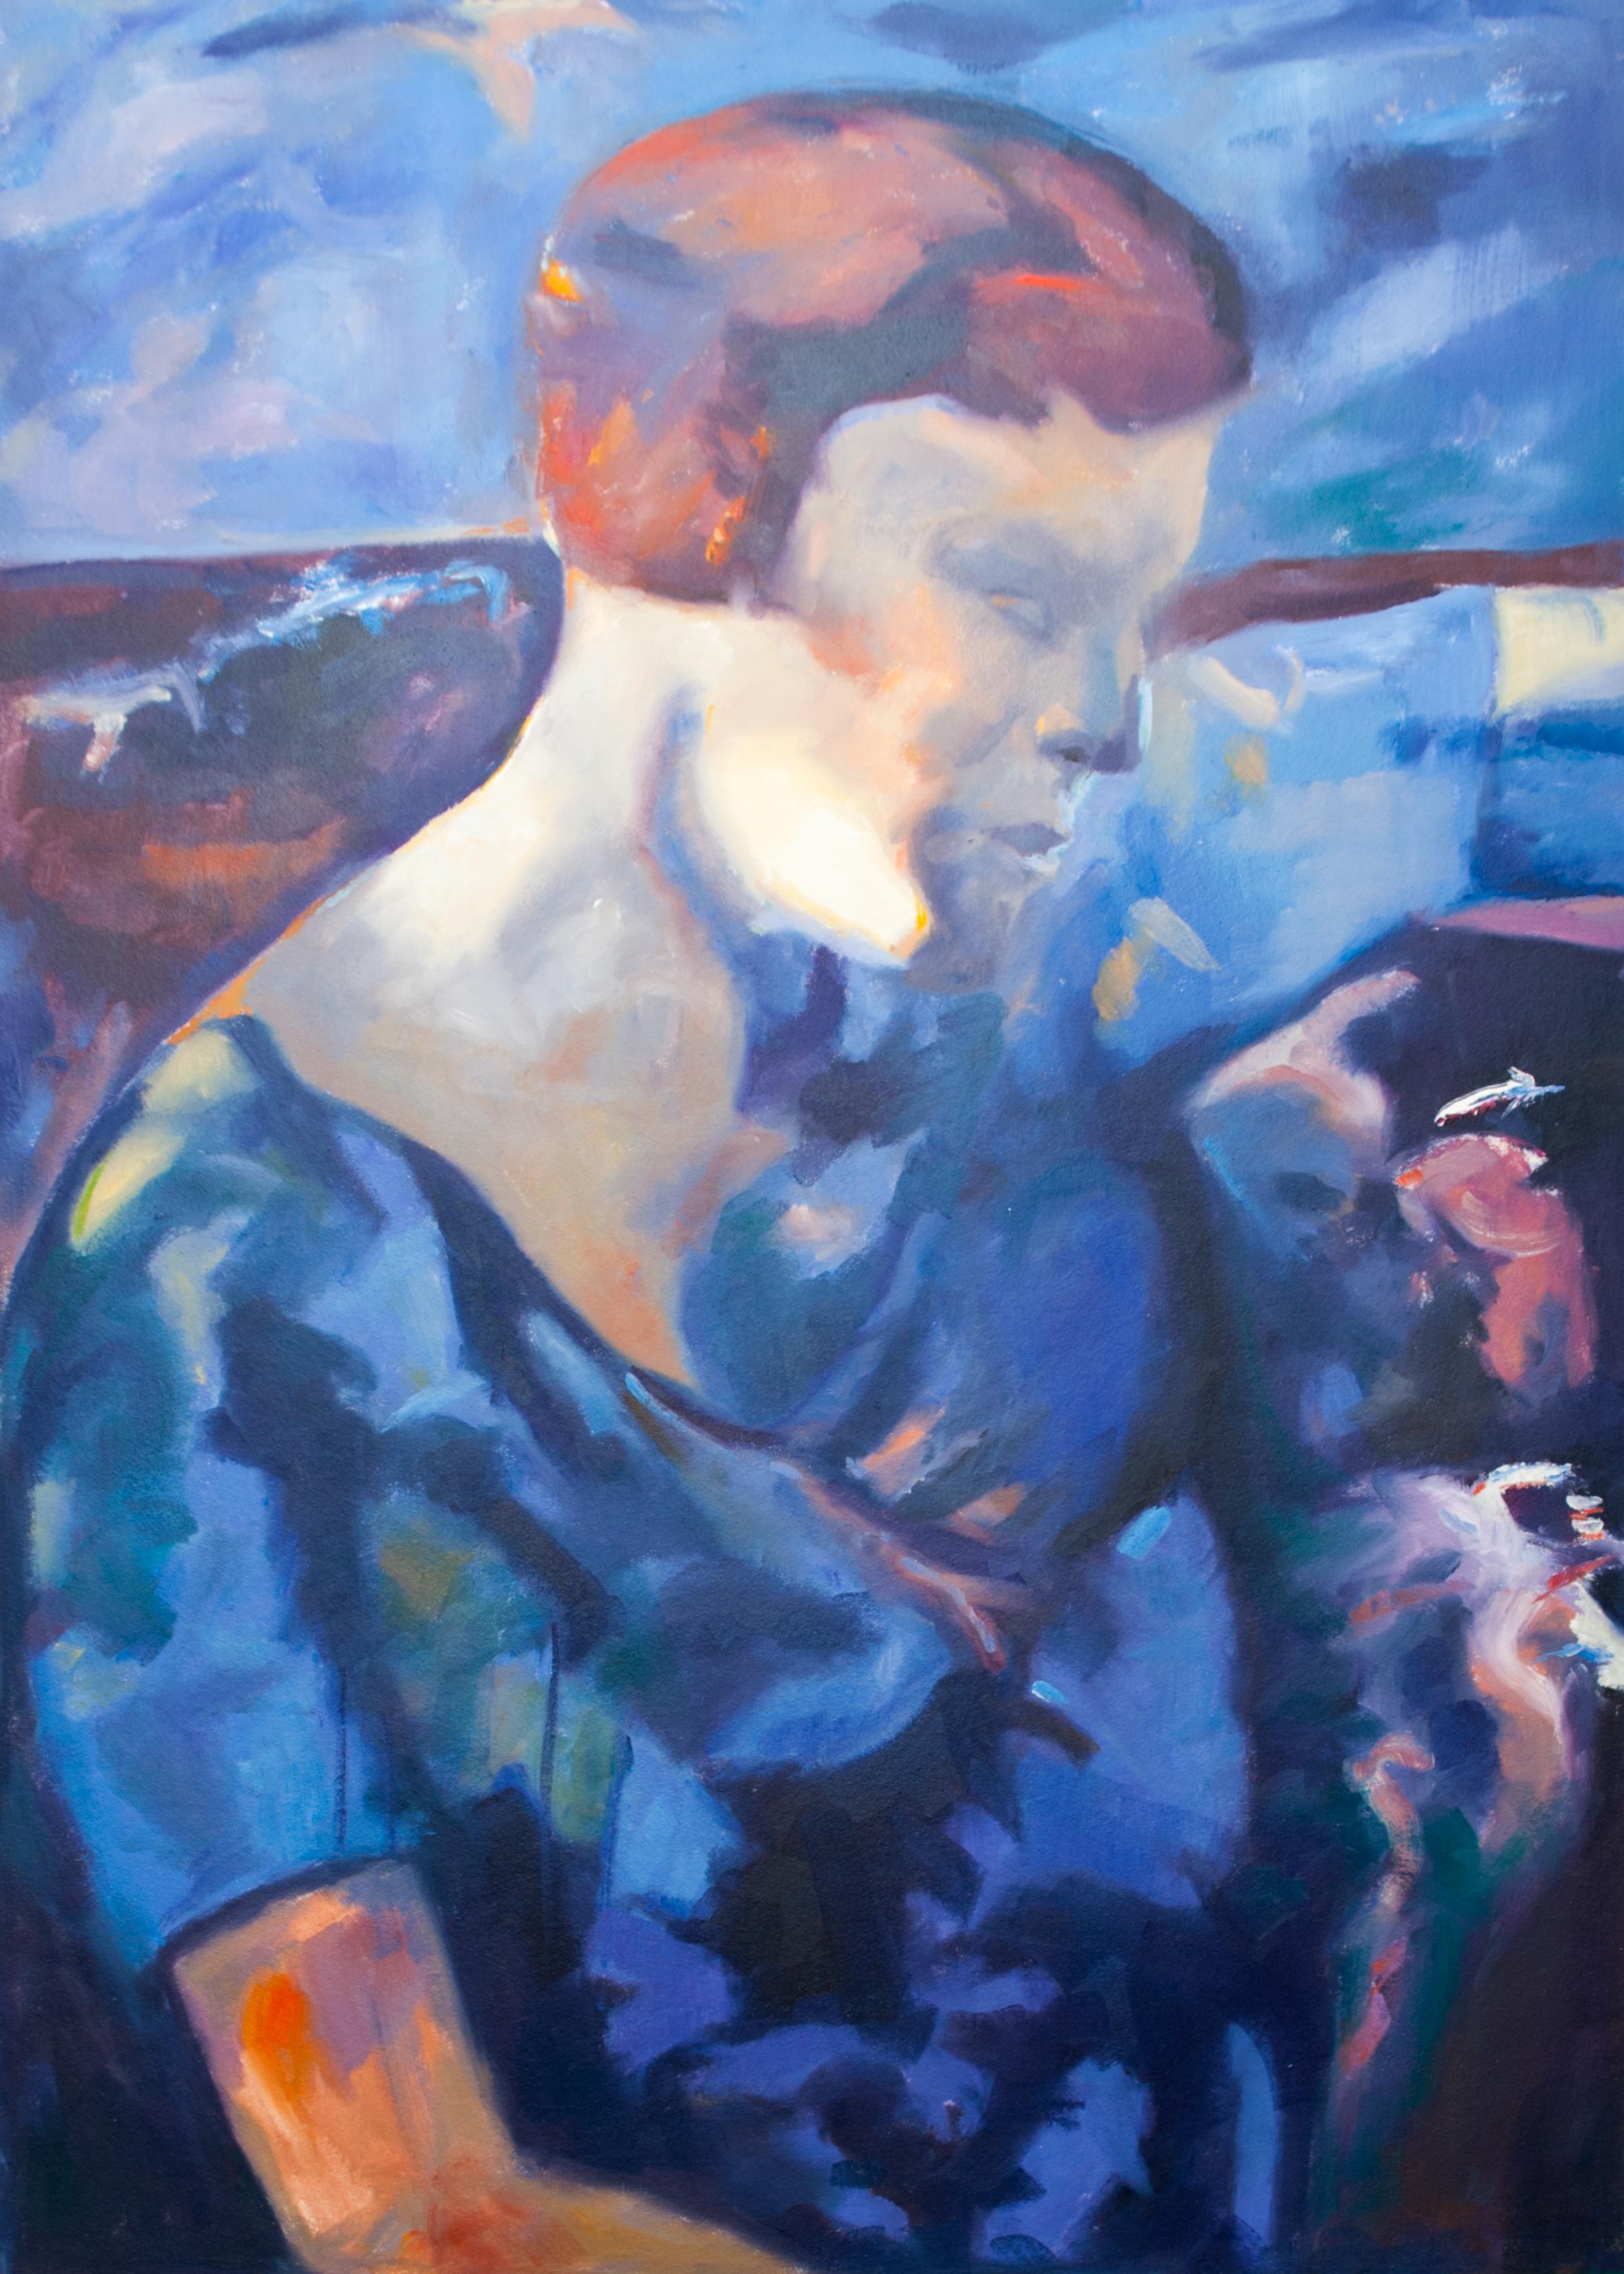 Reproduktion av Claes-Åke Schlönzig - Åke Göransson - Kvinna i blått och lila 1933